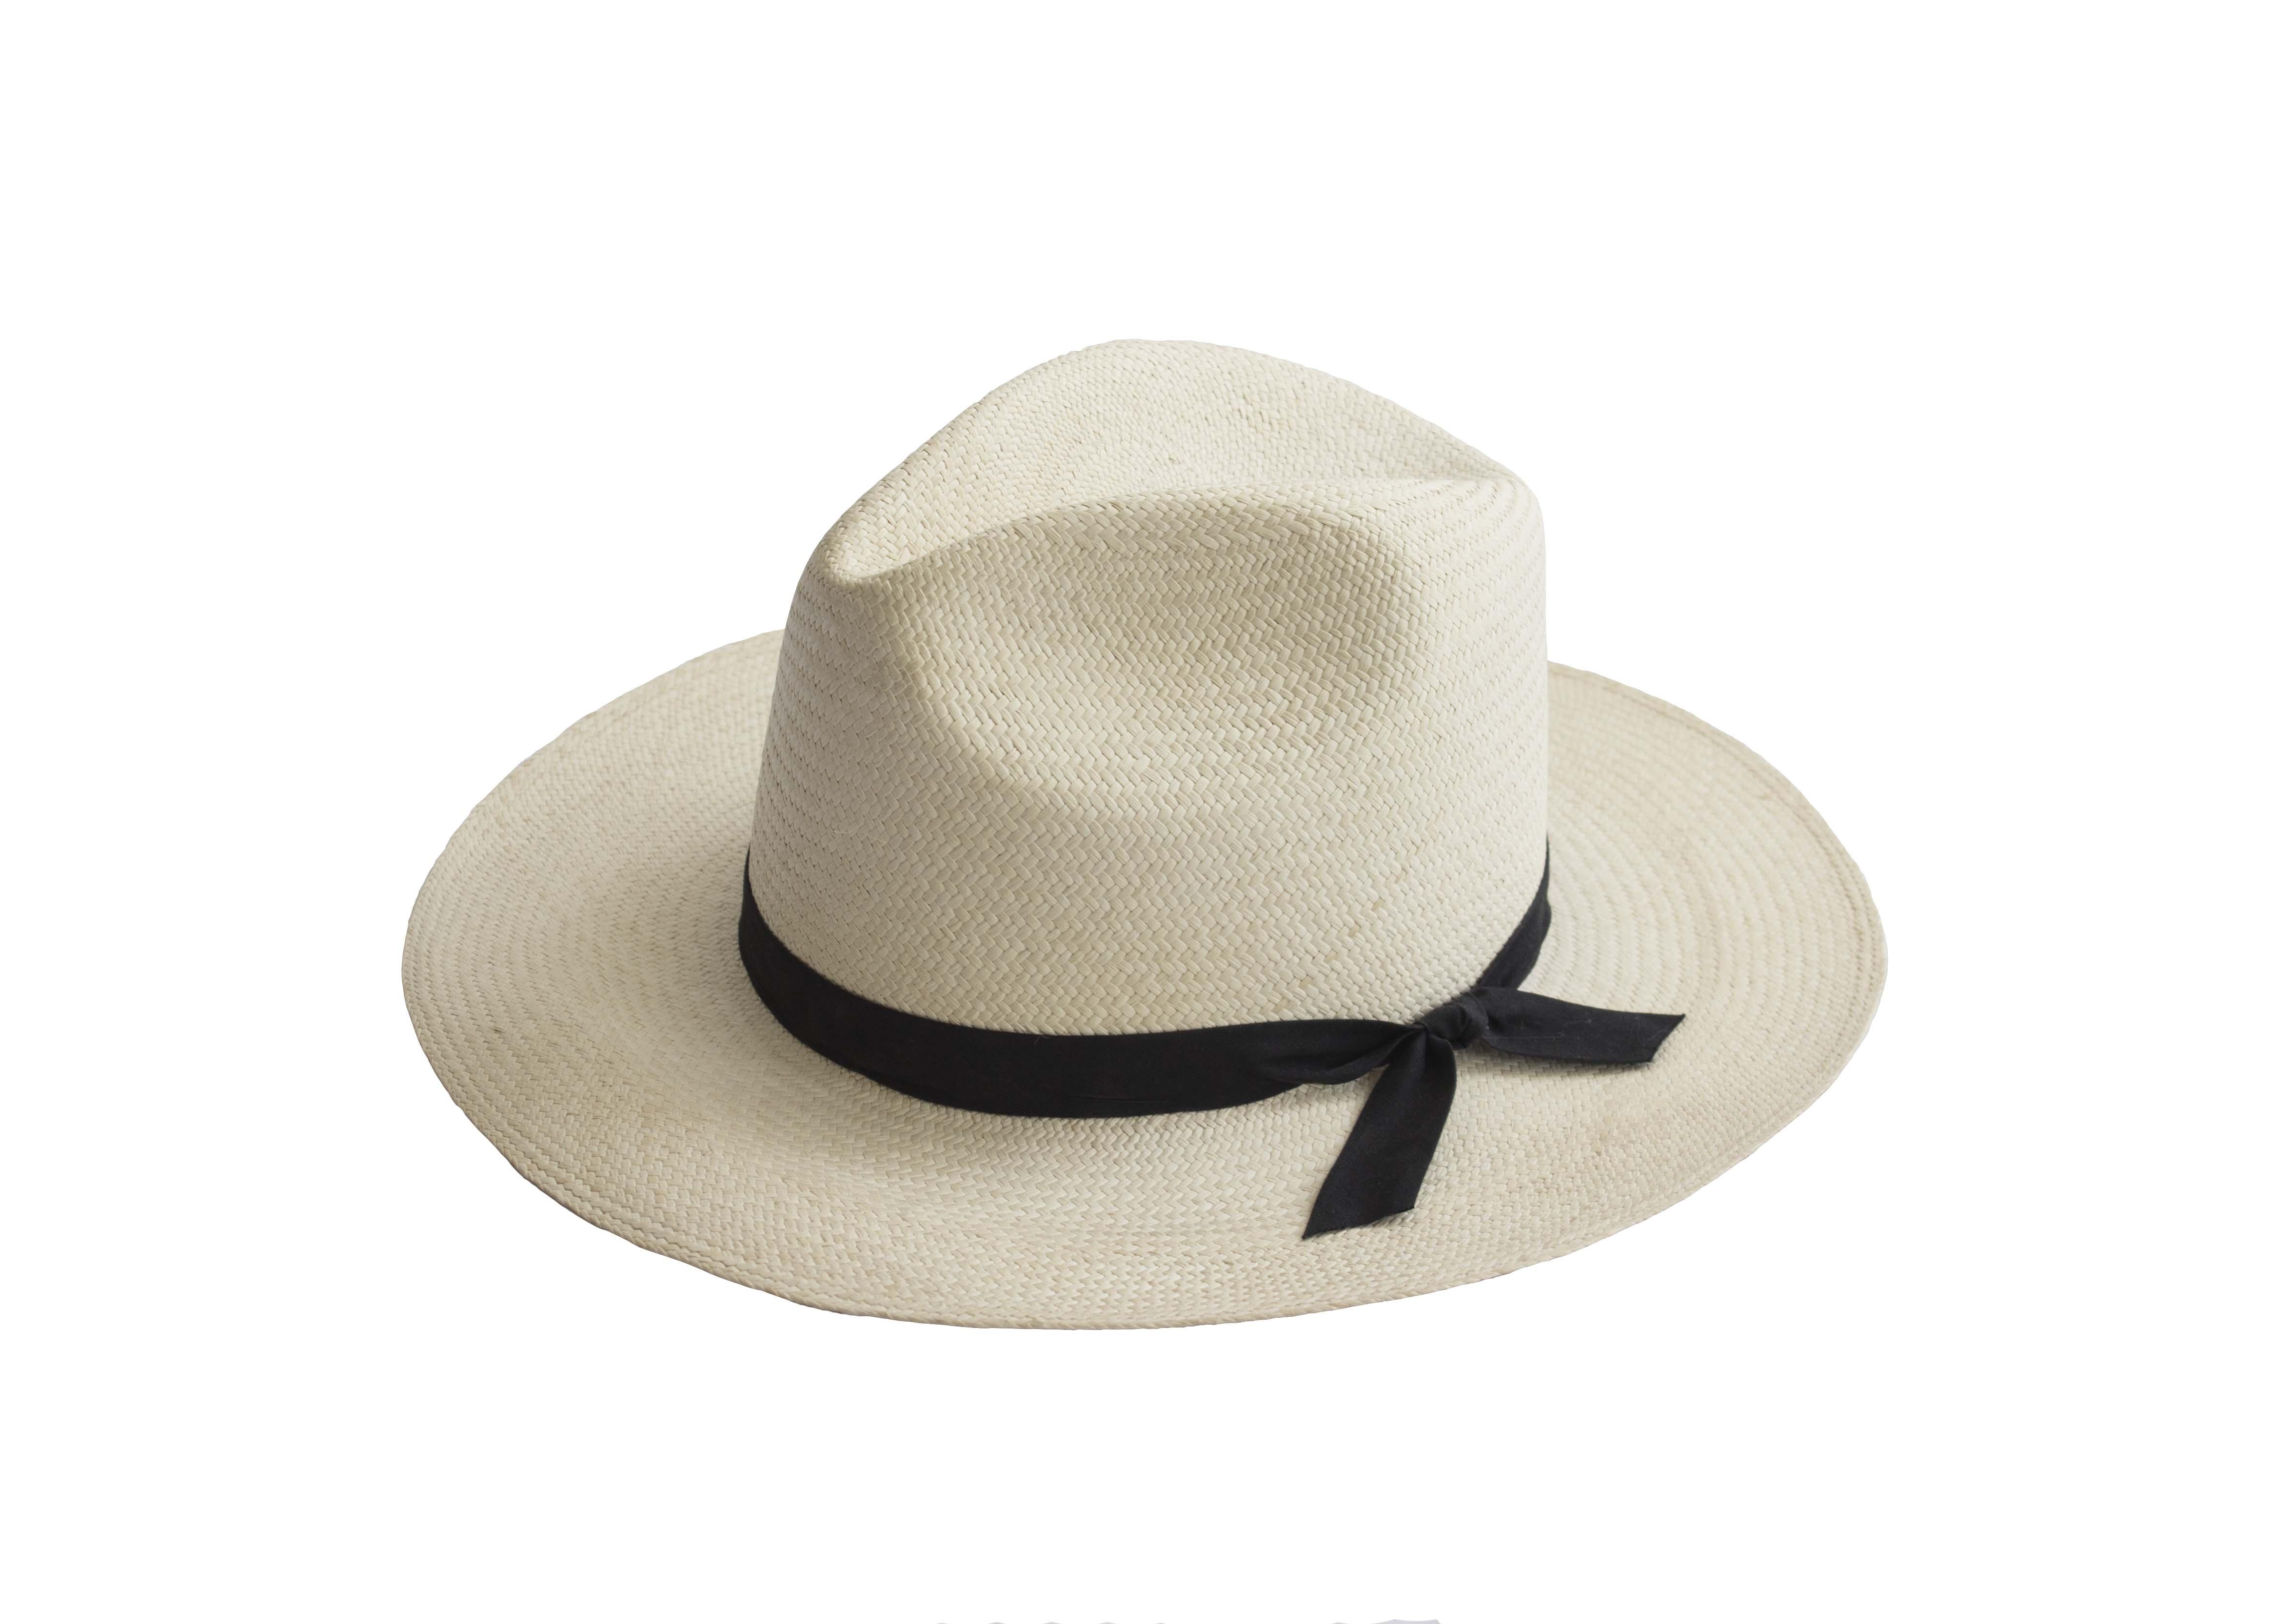 5440292b59 Sombrero para Caballero tipo Vaquero Flexible Tejido a Mano - JK ...